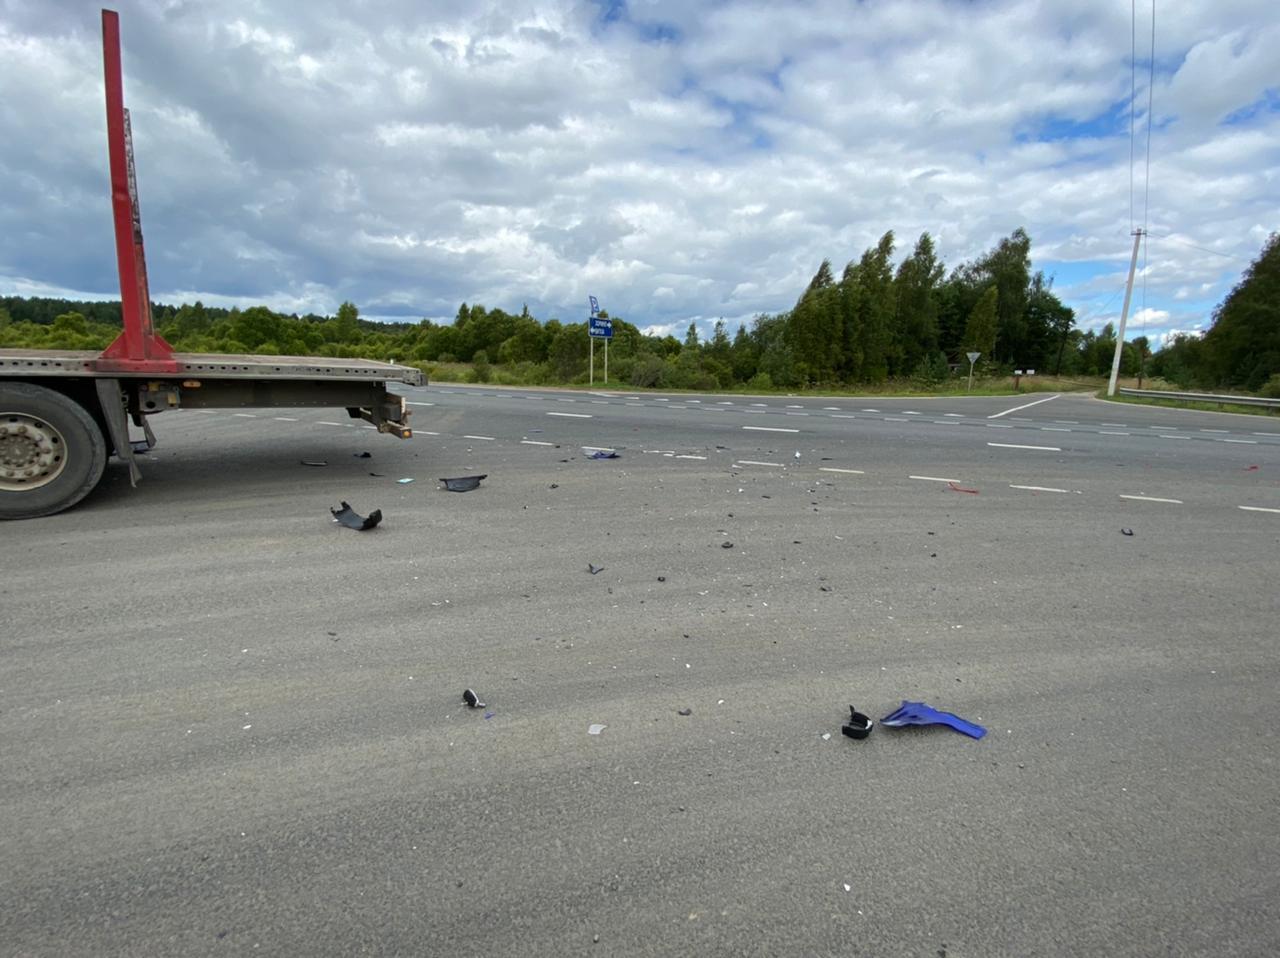 Мотоциклист-нарушитель сломал ноги в столкновении с КамАЗом в Тверской области